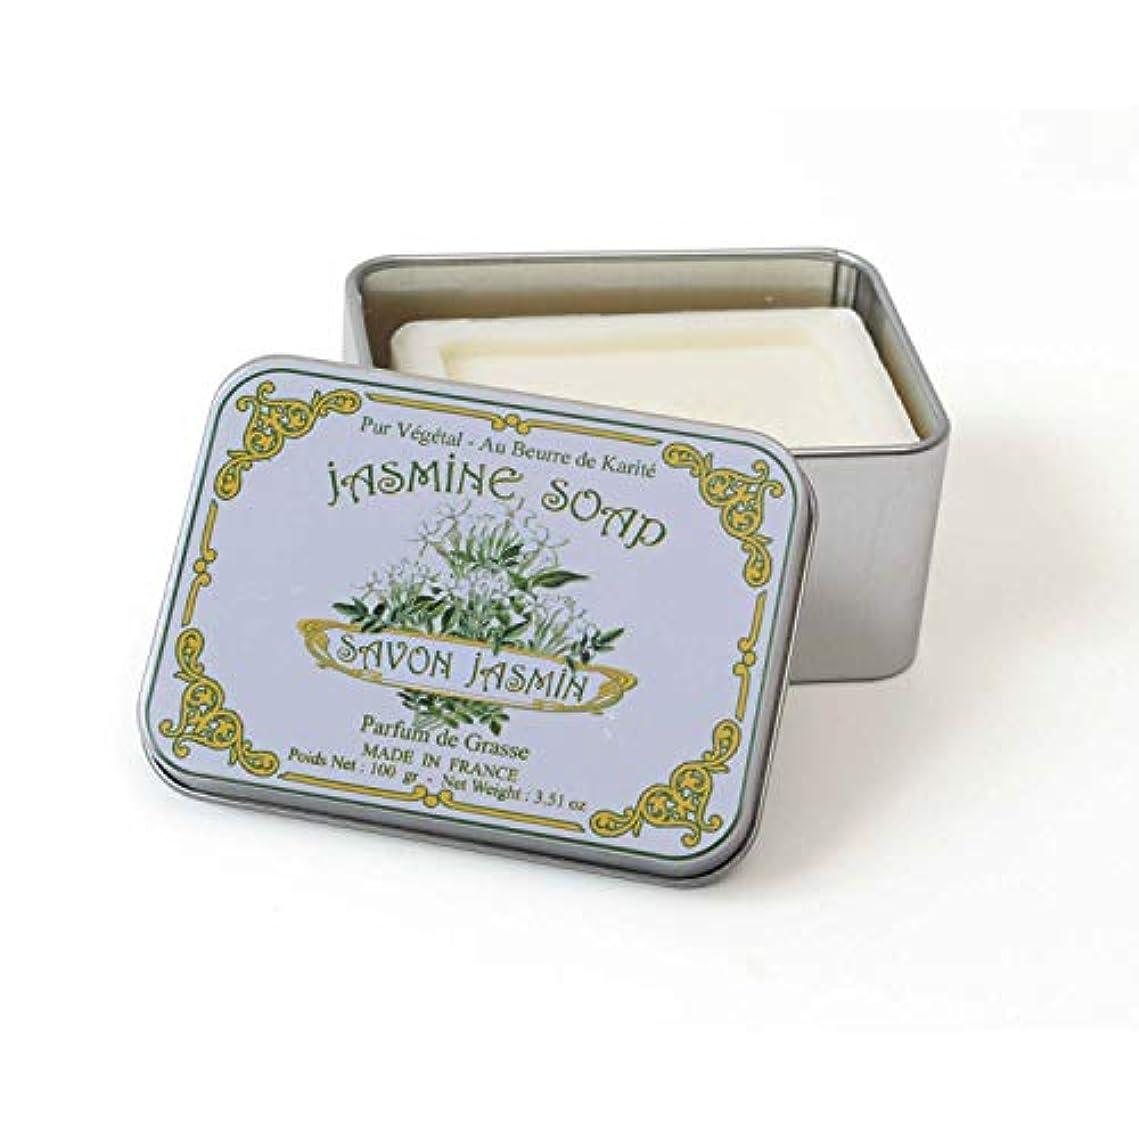 スマイル寺院誘惑Le Blanc ルブランソープ ジャ スミンの香り